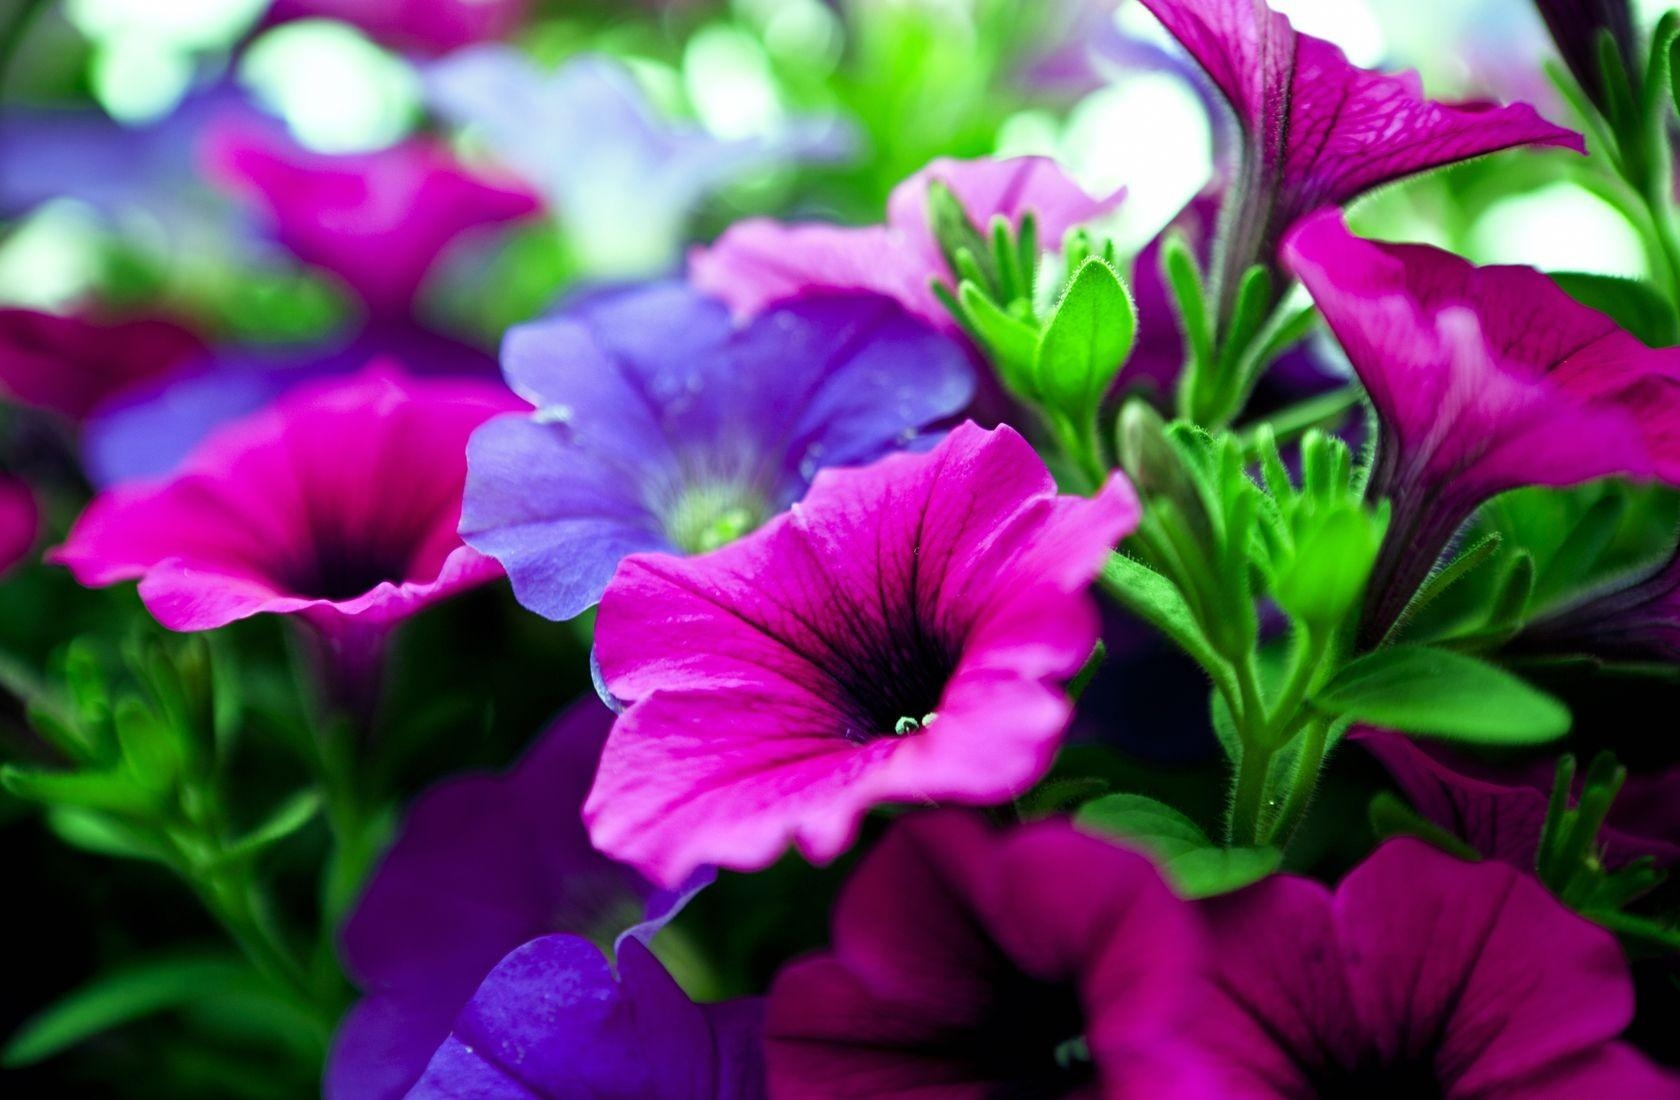 108443 скачать обои Цветы, Калихобрия, Яркая, Розовая, Сиреневая, Крупный План - заставки и картинки бесплатно